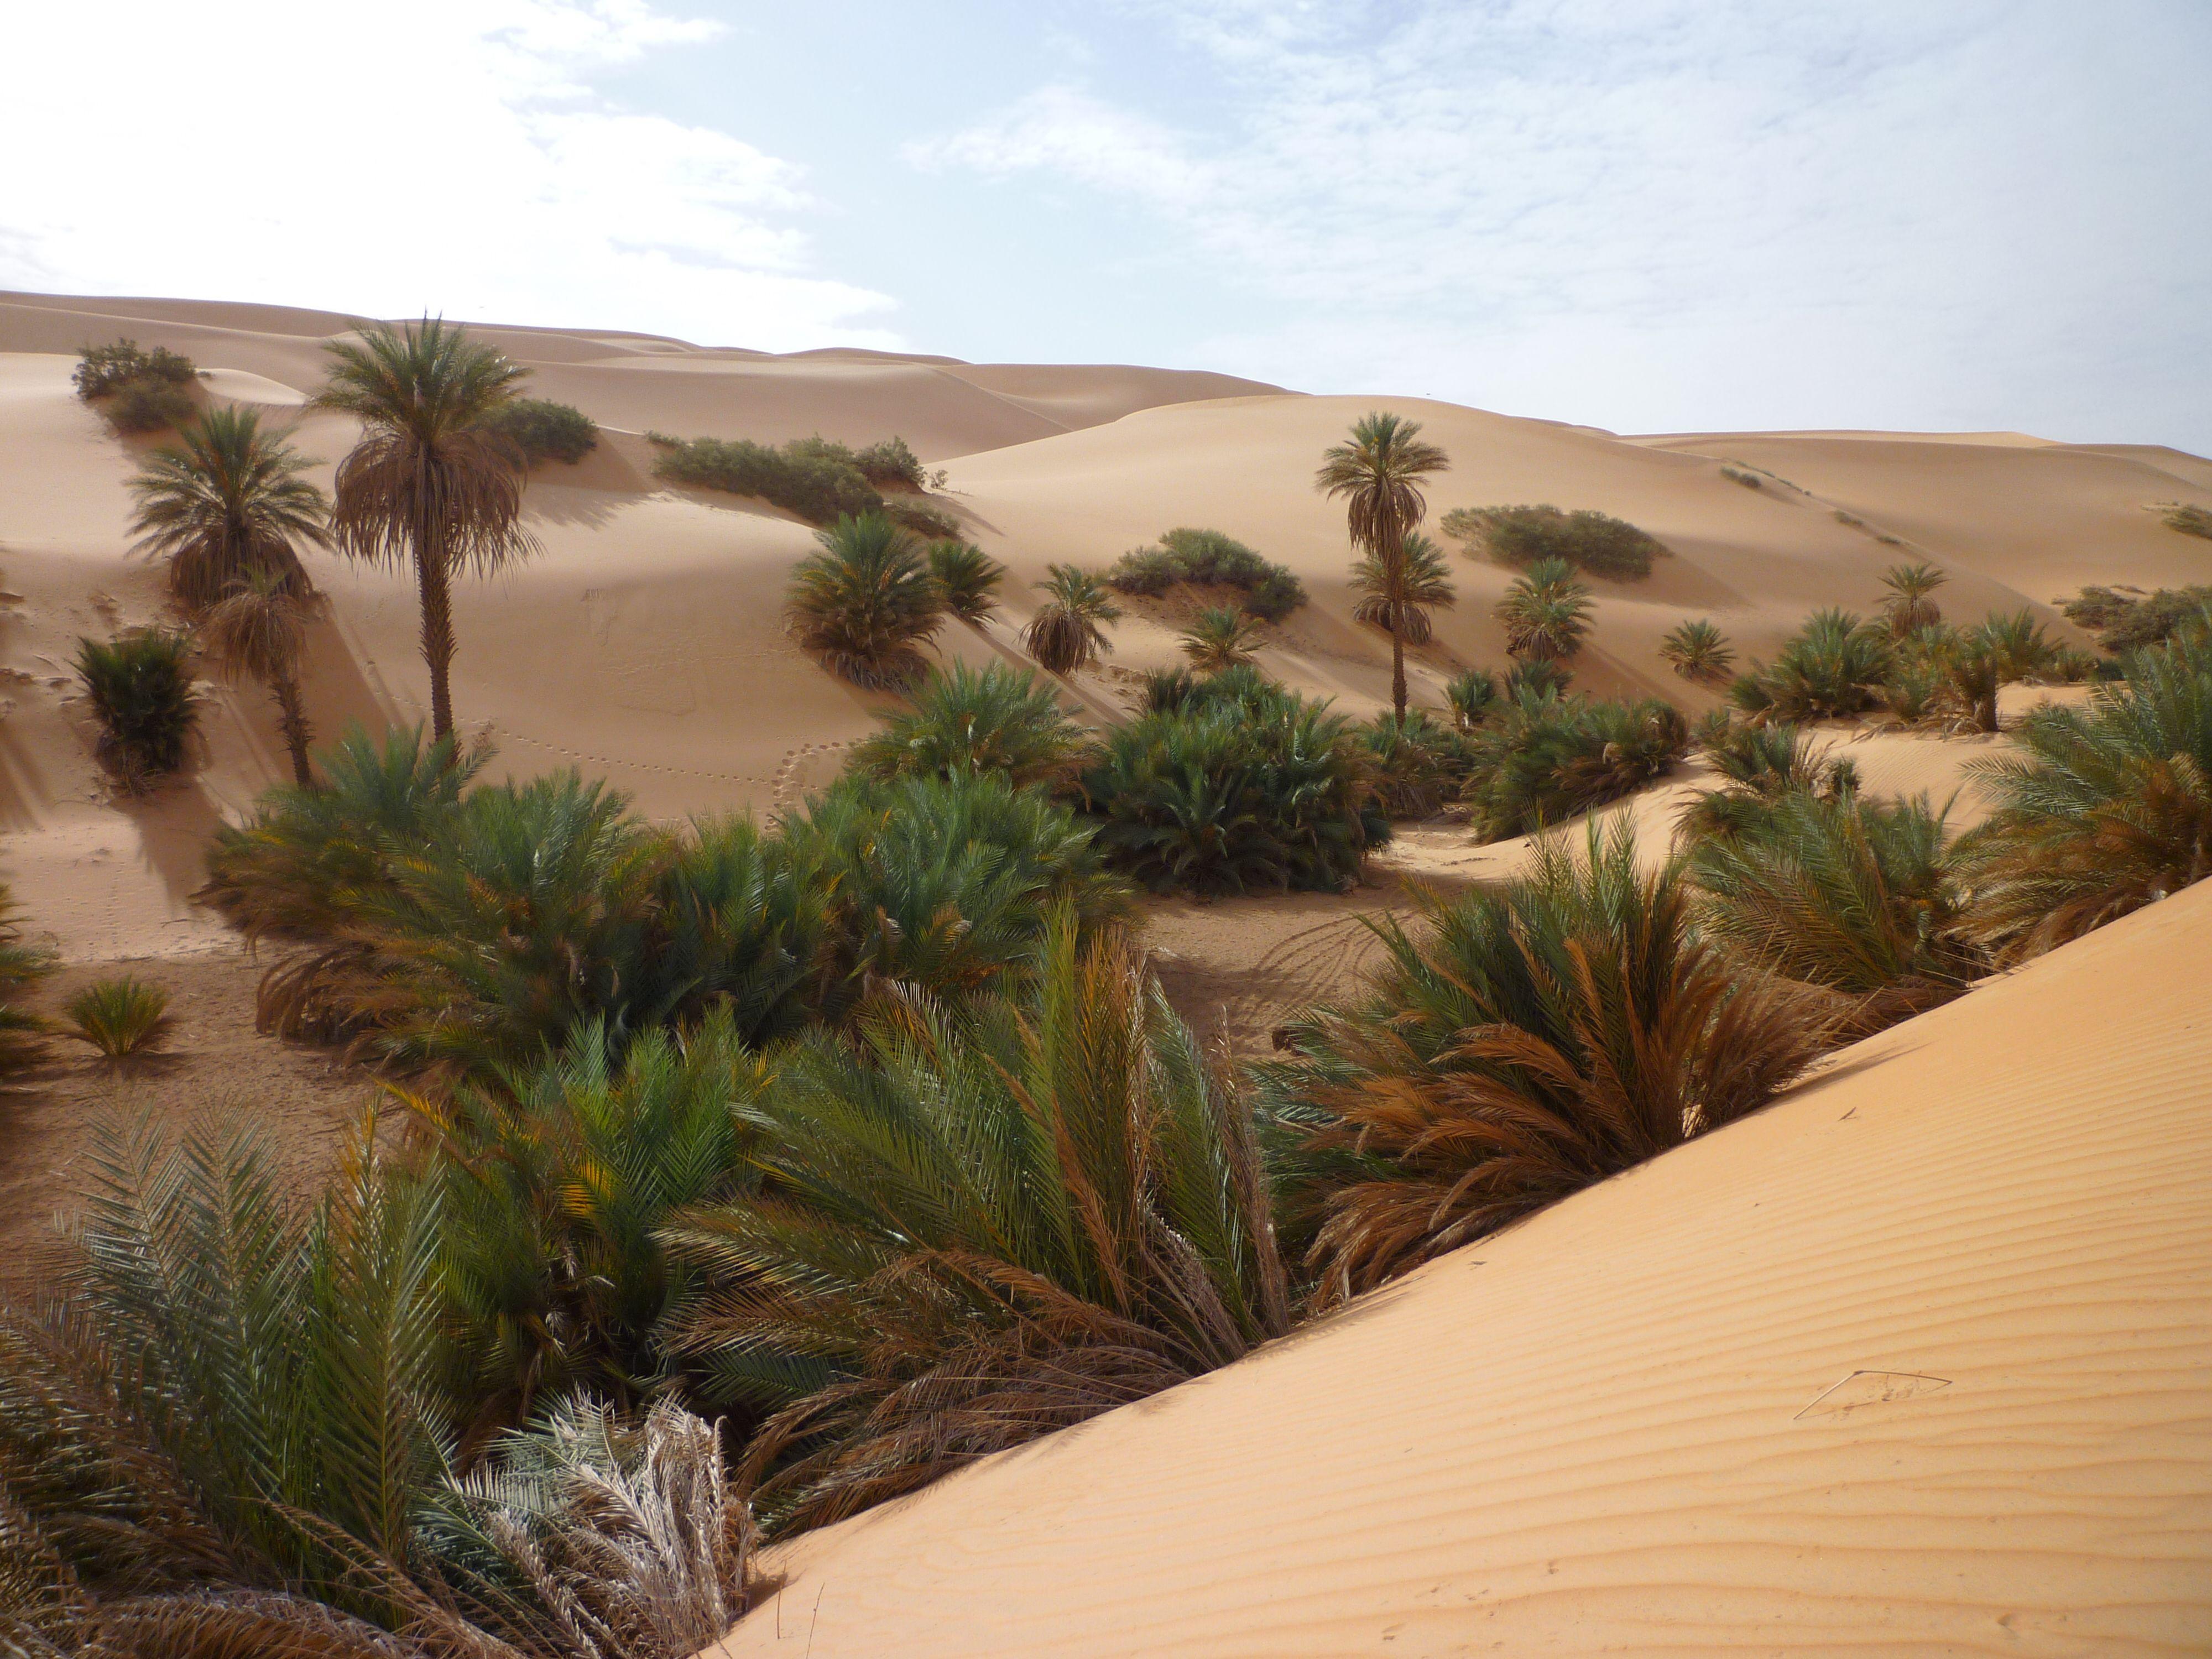 artesischer brunnen sahara